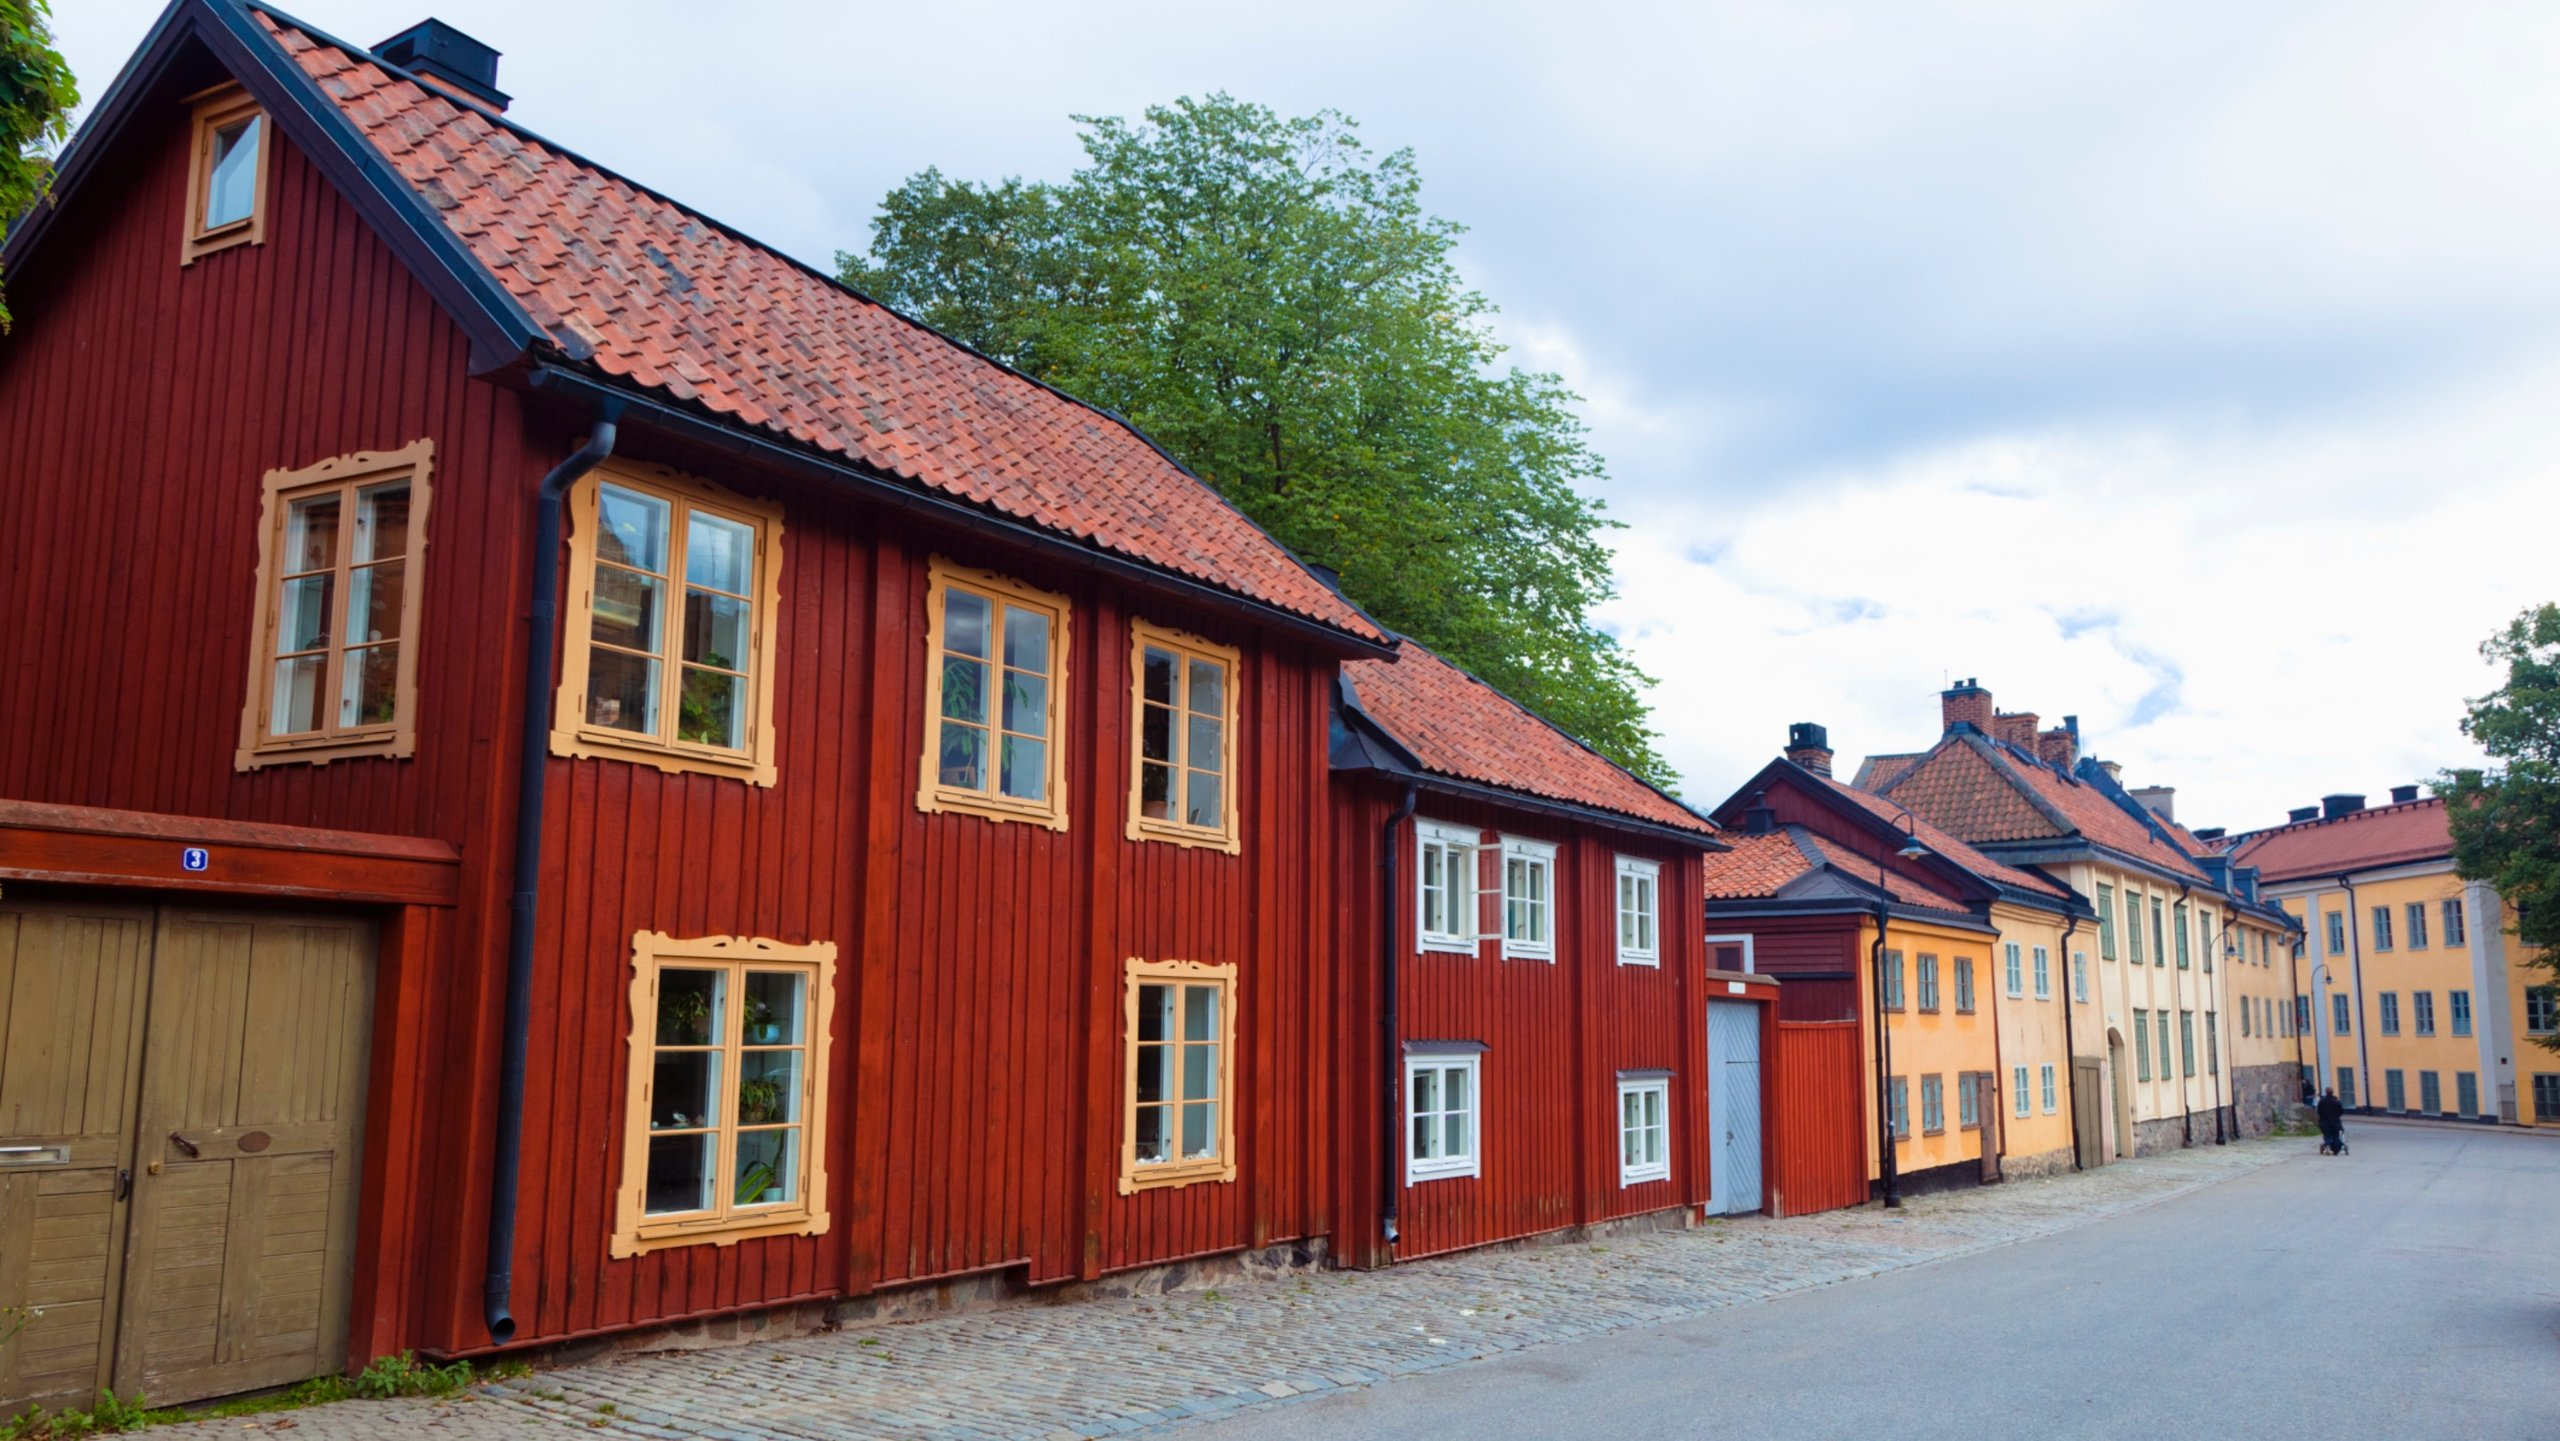 Maria, Stockholm, Stockholm County, Sweden